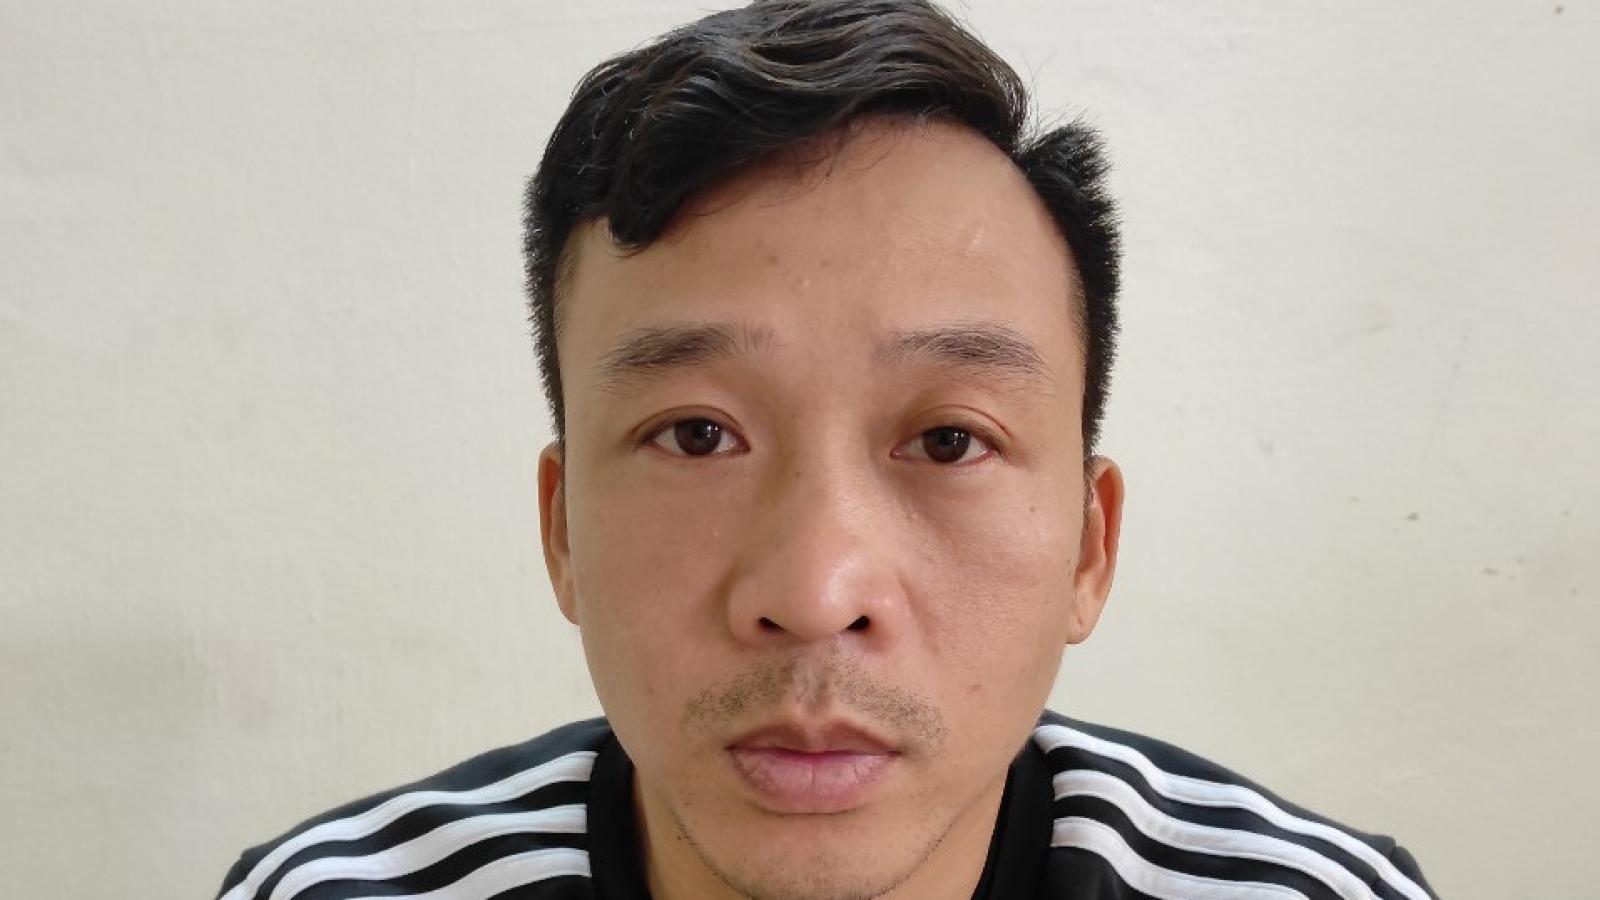 Bắt giam người đàn ông gây thương tích chủ quán cắt tóc